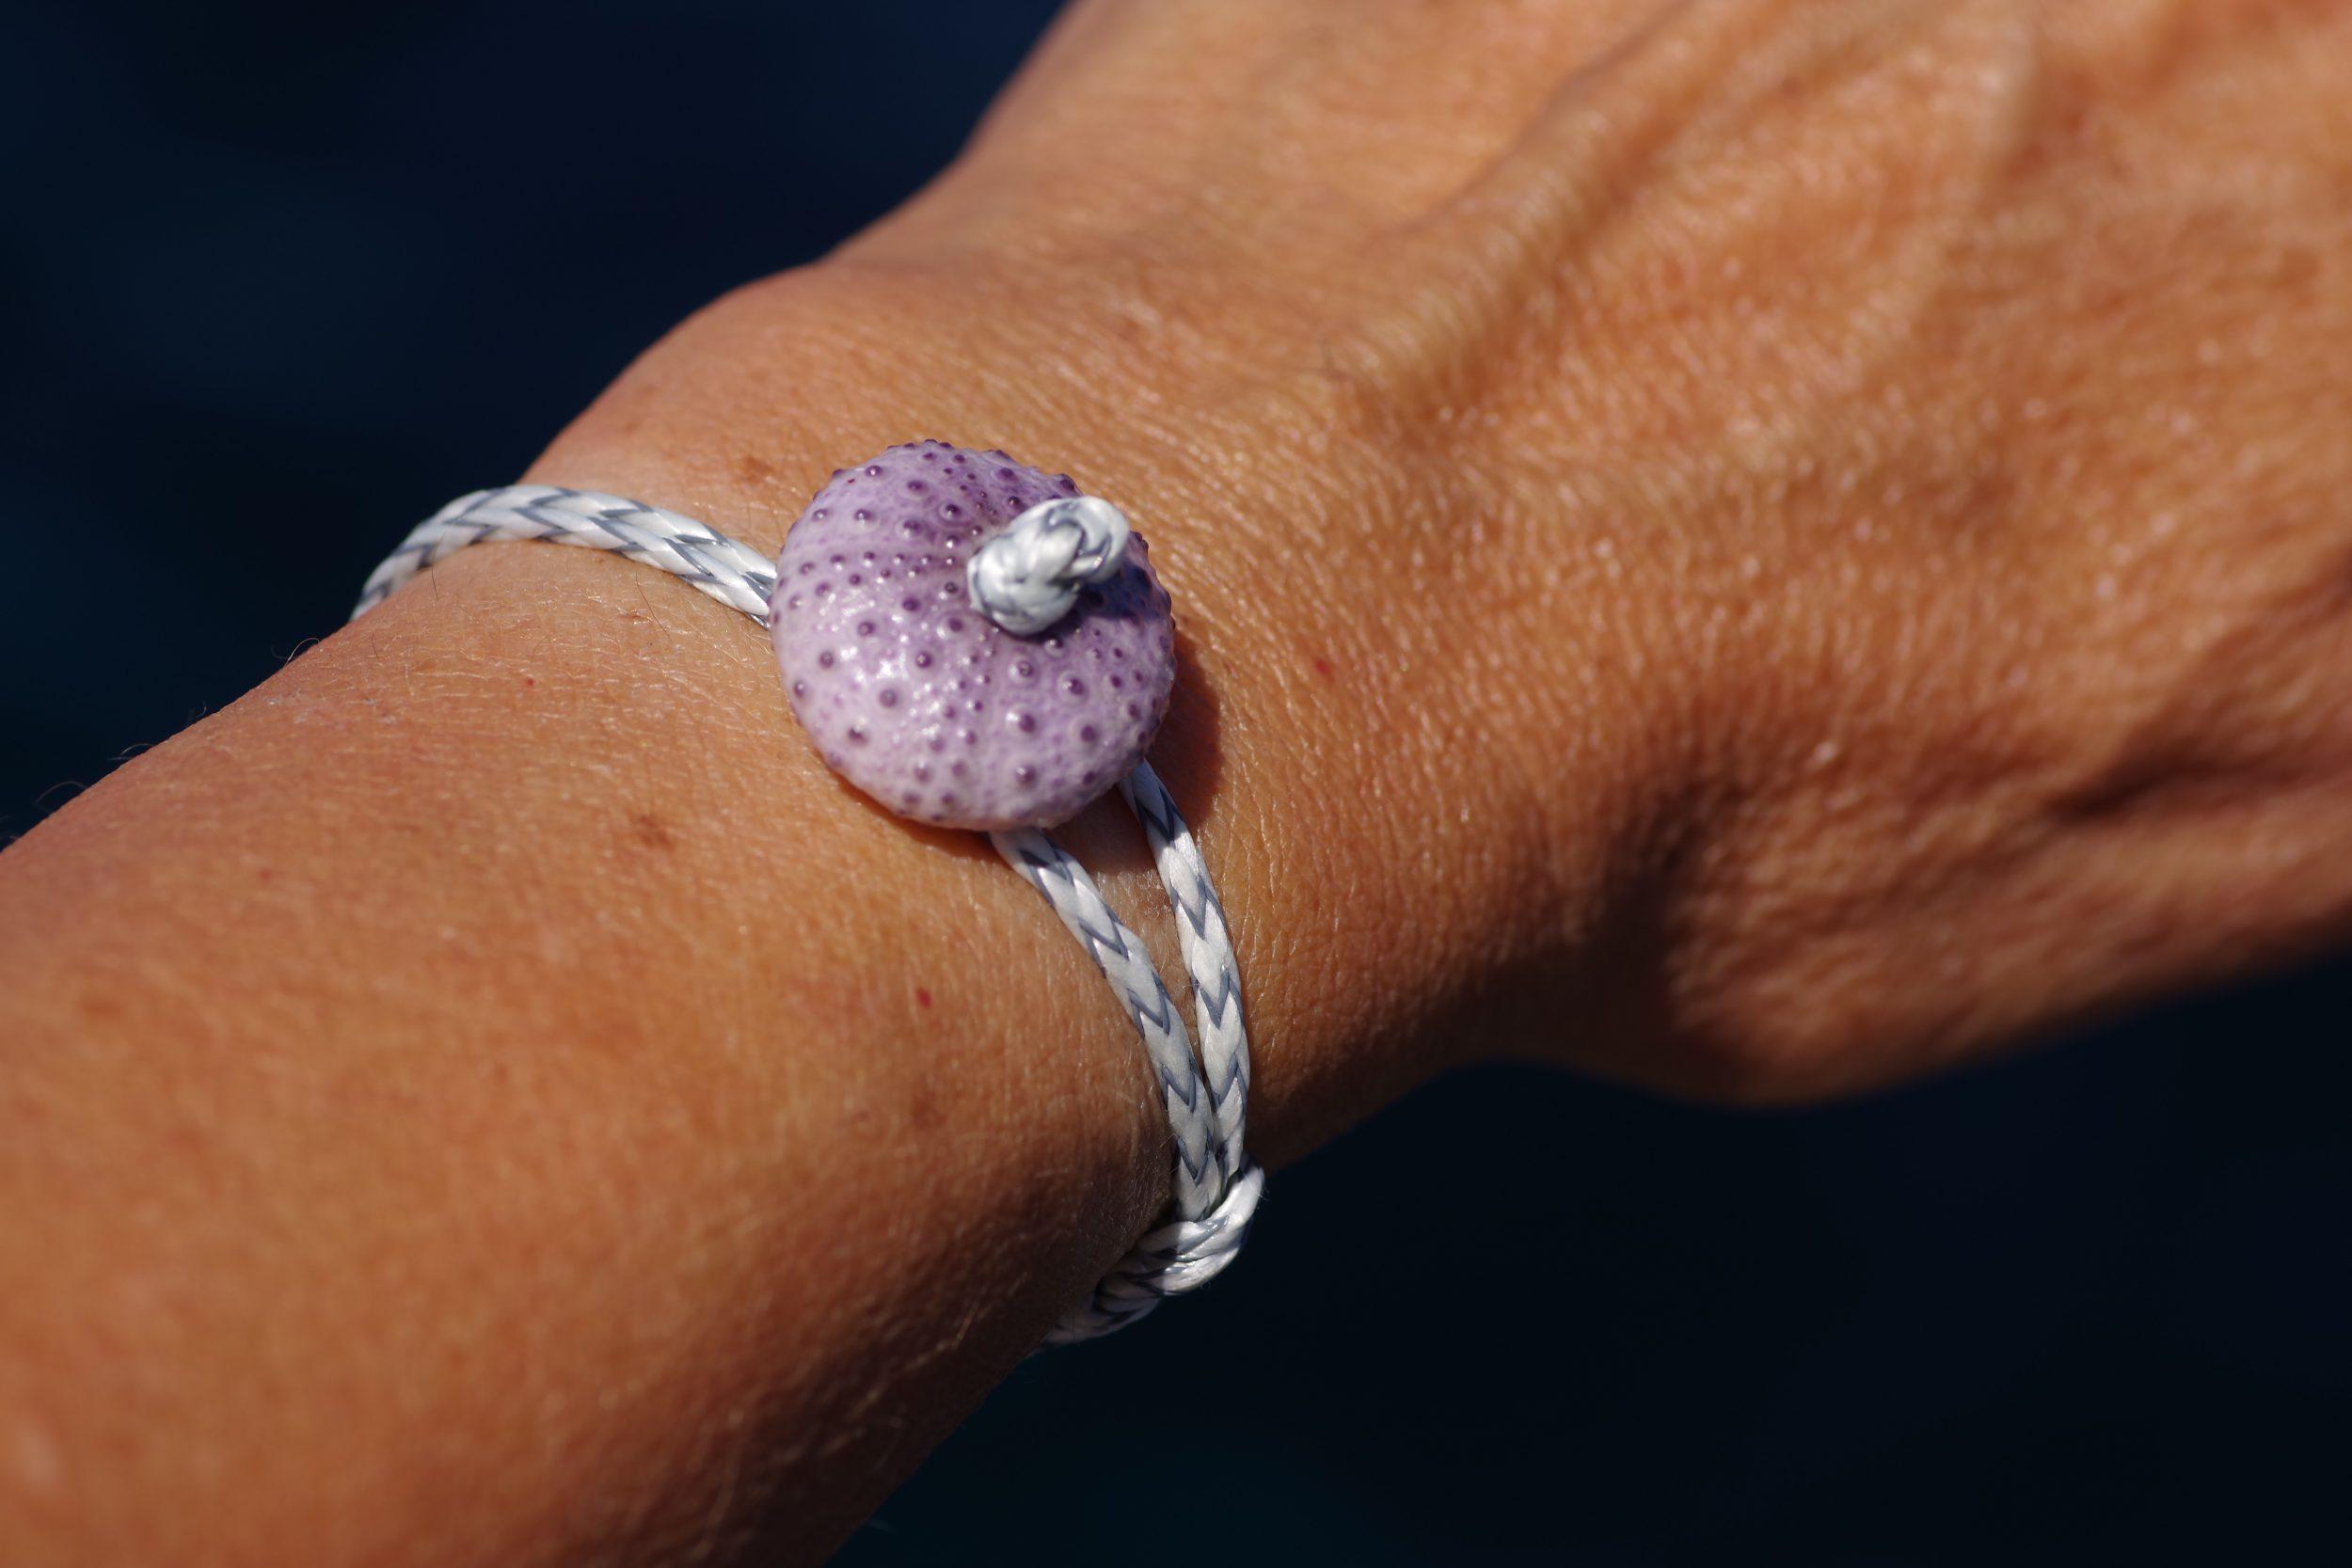 bracelet avec un petit oursin violet et une cordelette de bateau tressée grise et blanche. L'oursin et une boucle de la cordelette servent de fermoir